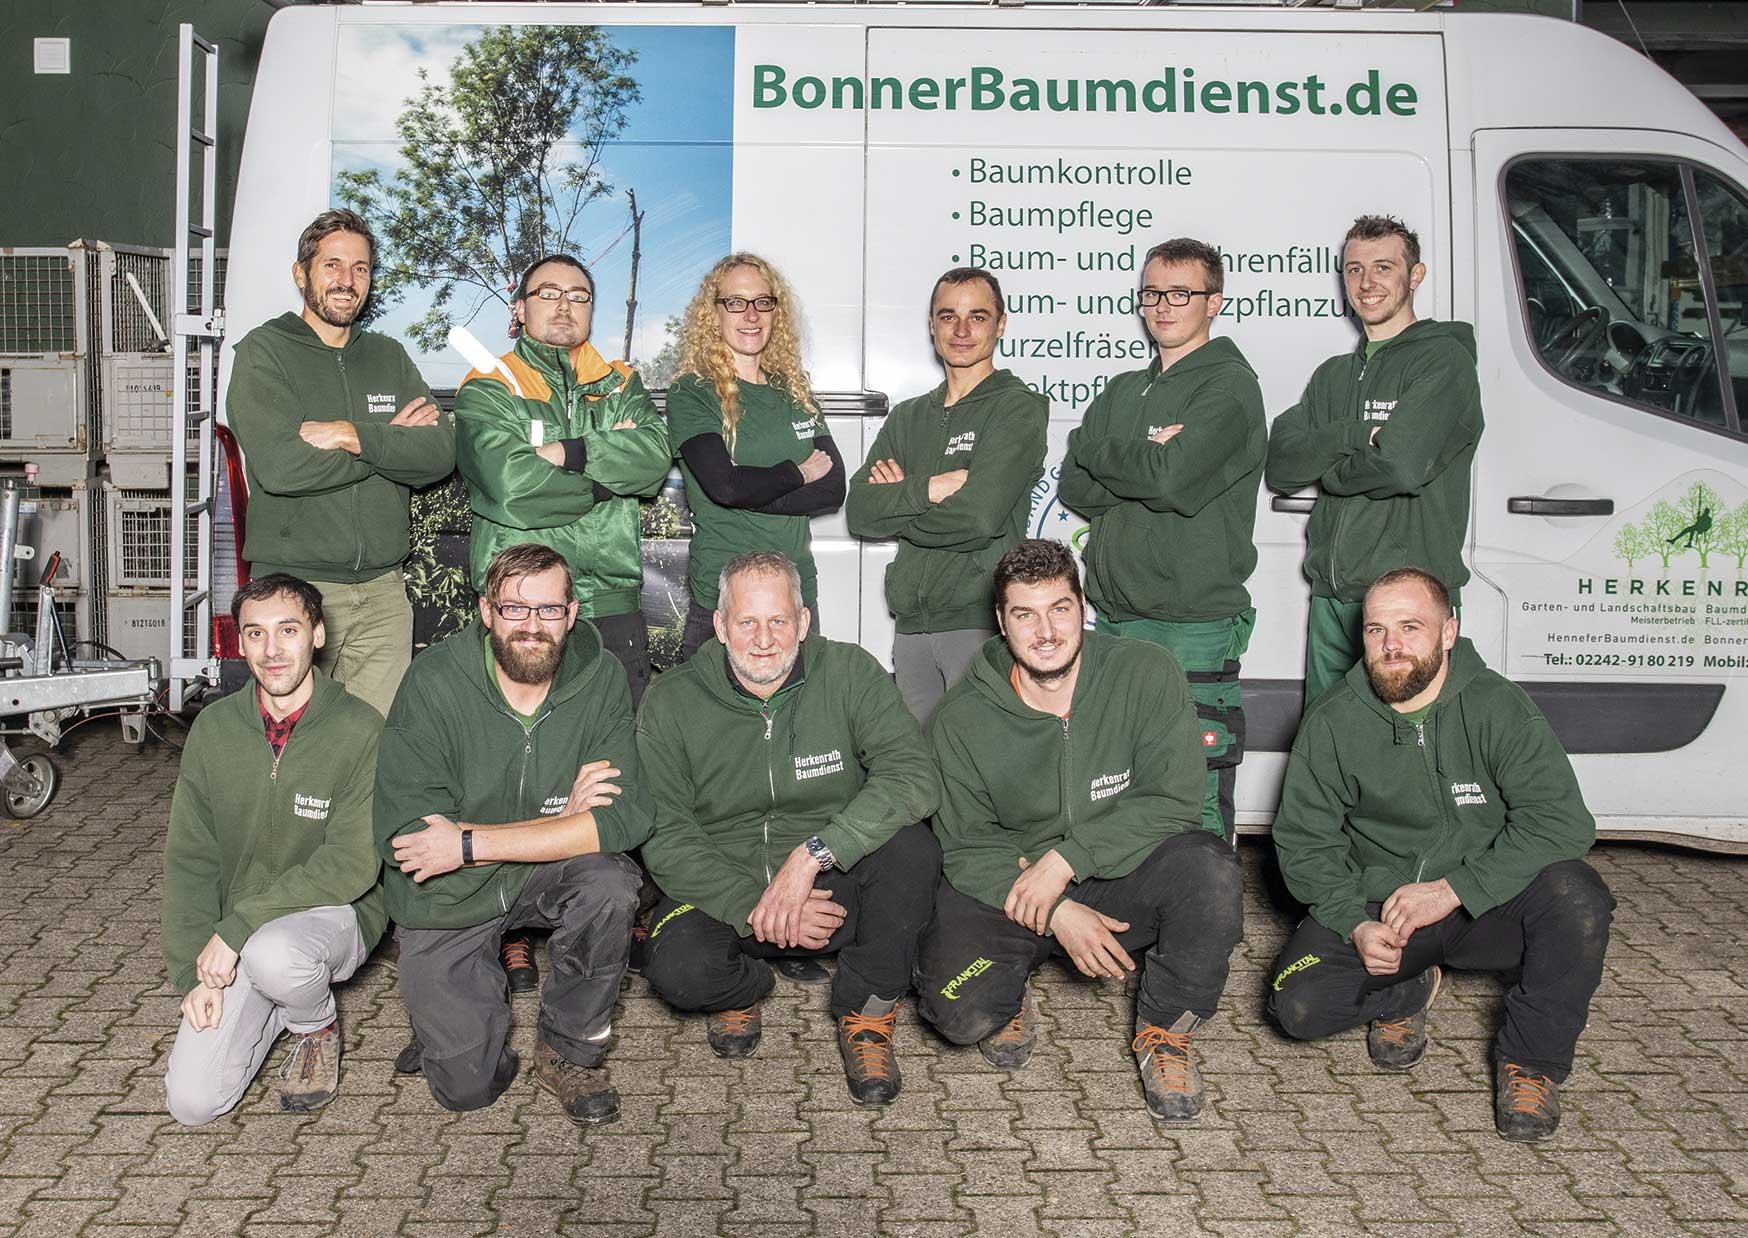 Team des Bonner Baumdienst Herkenrath